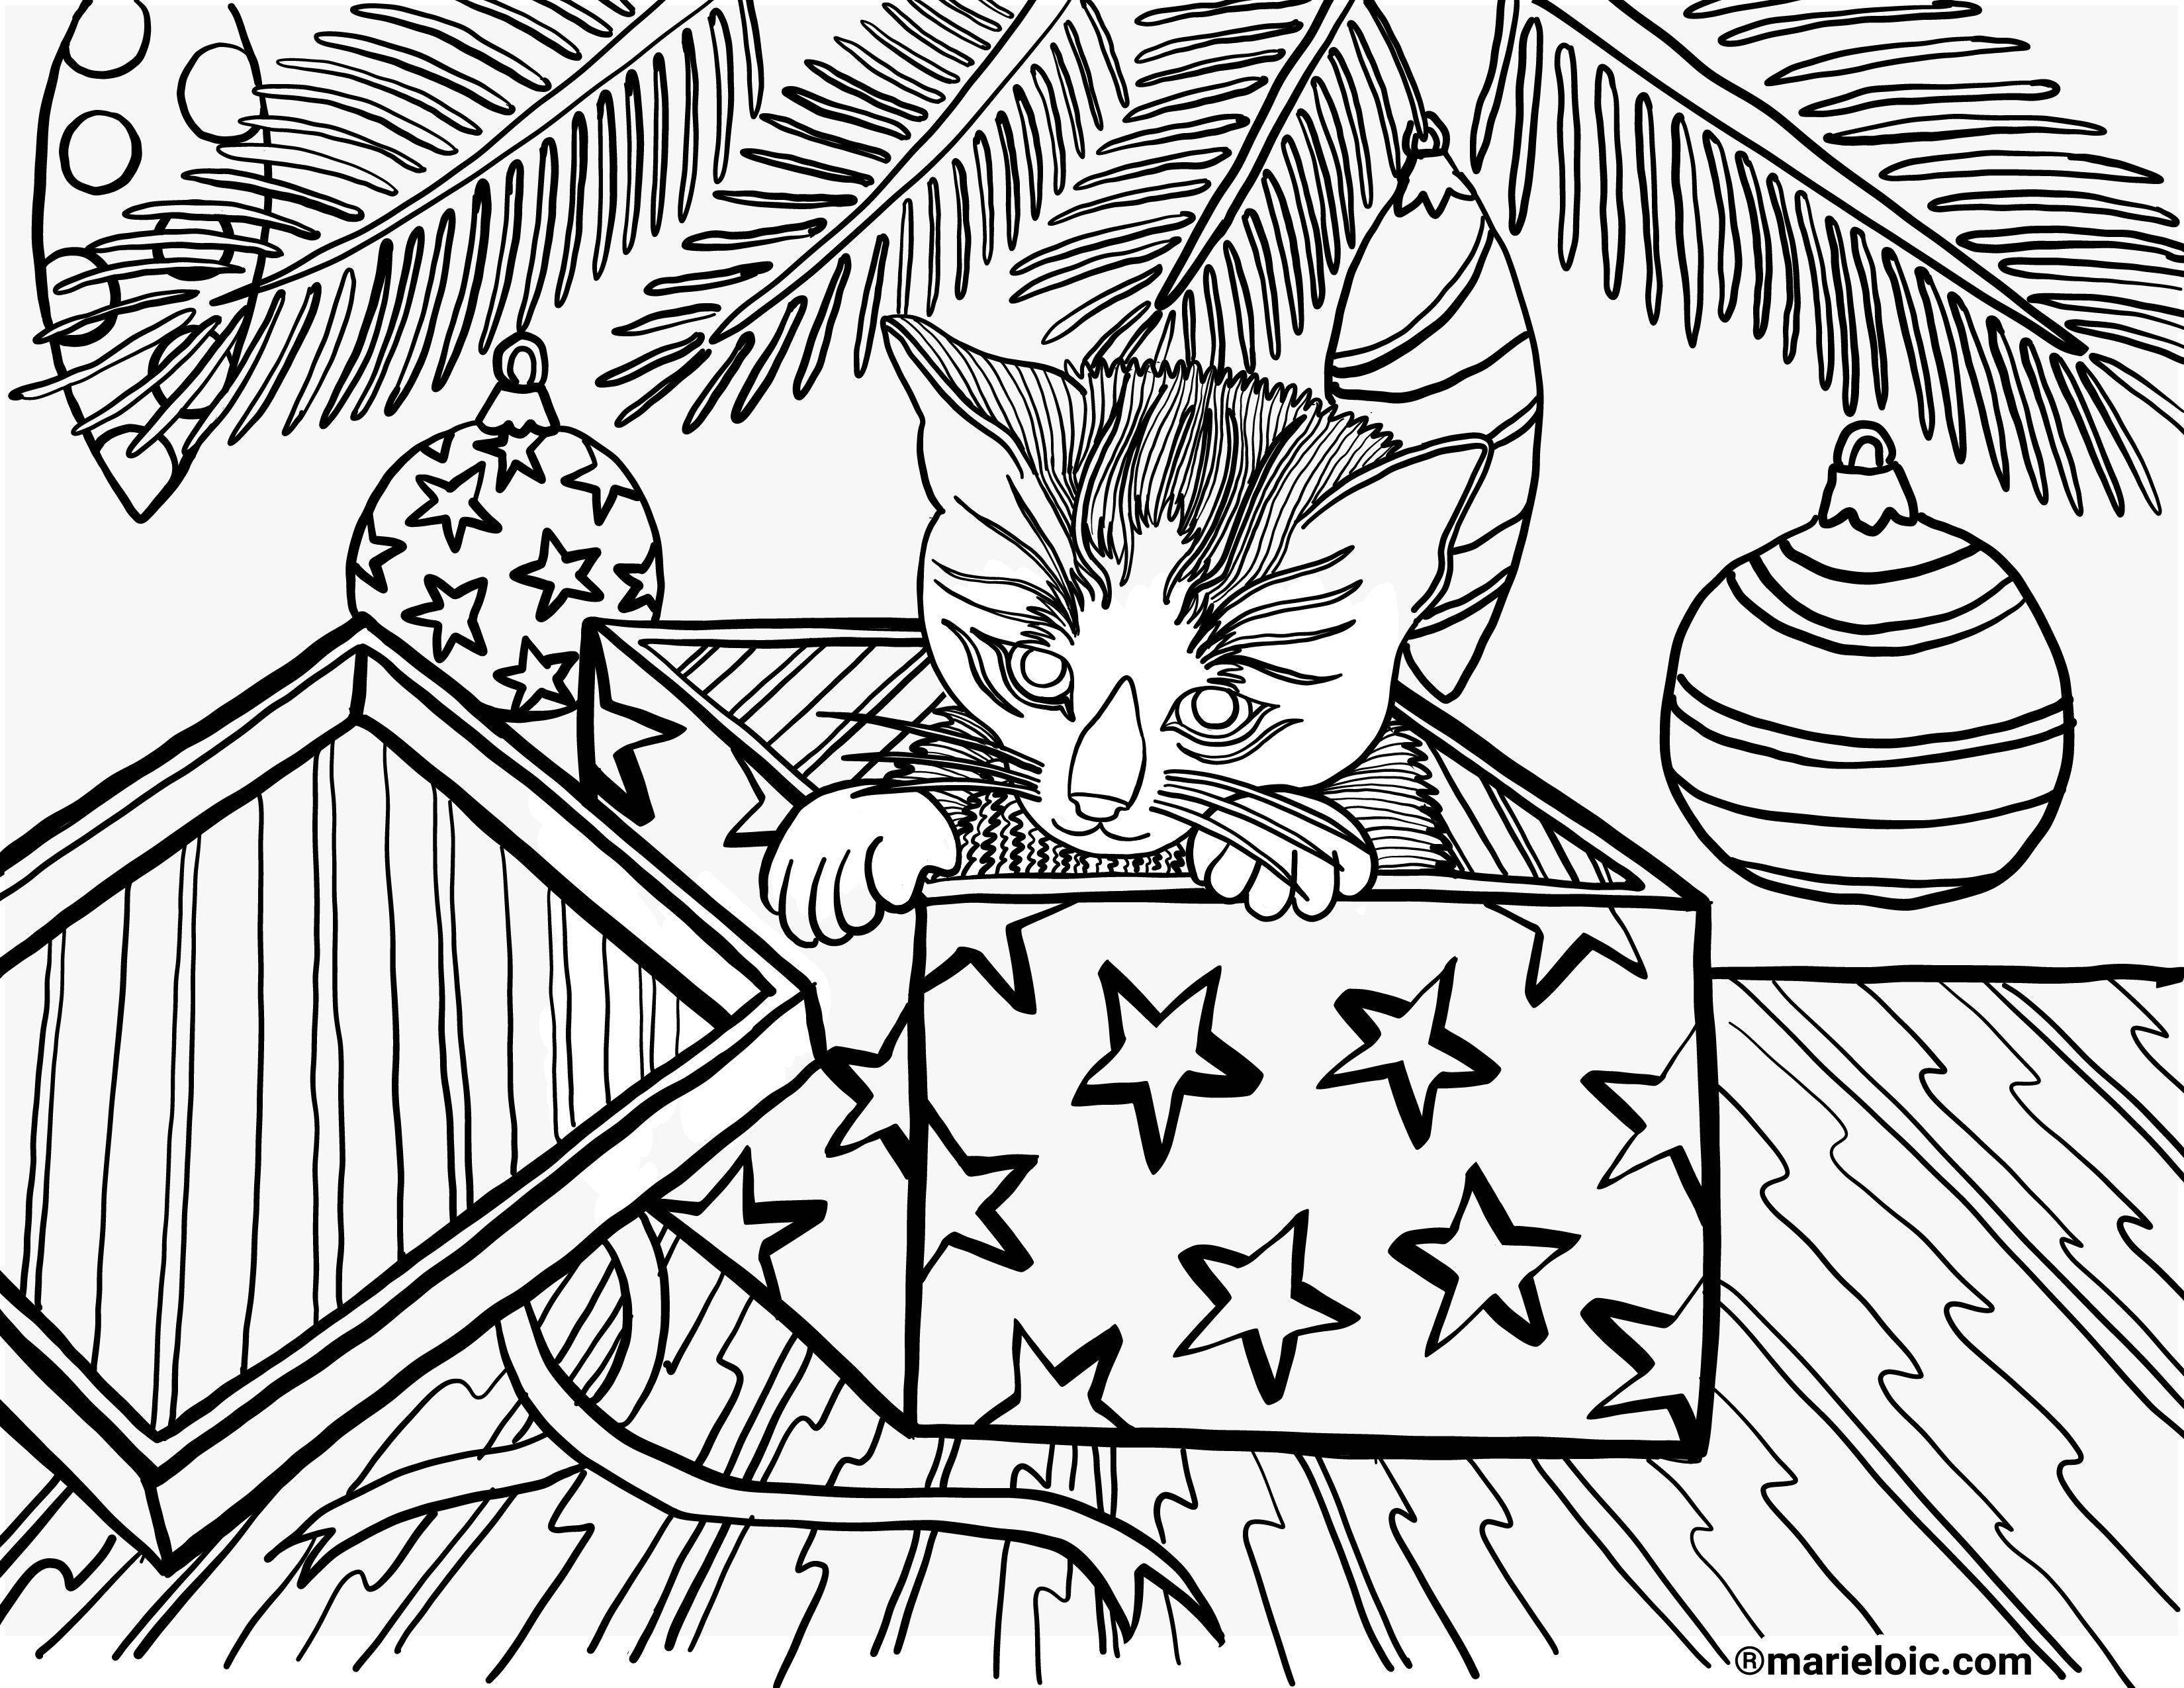 Coloriage Chat Cadeau.Dessin A Colorier Chaton Dans Une Boite Marie Loic Senamaud